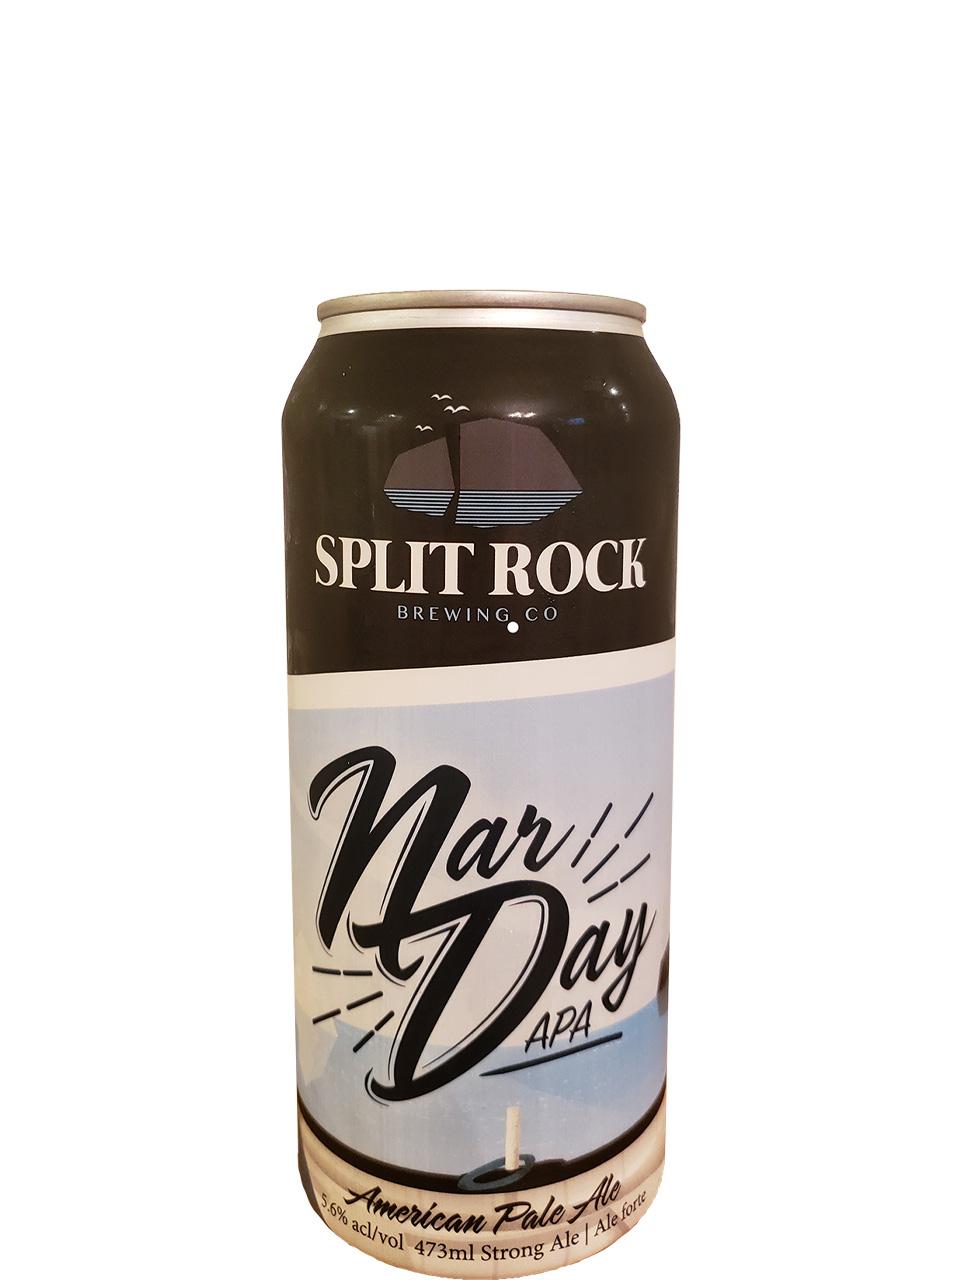 Split Rock Nar Day APA 473ml Can